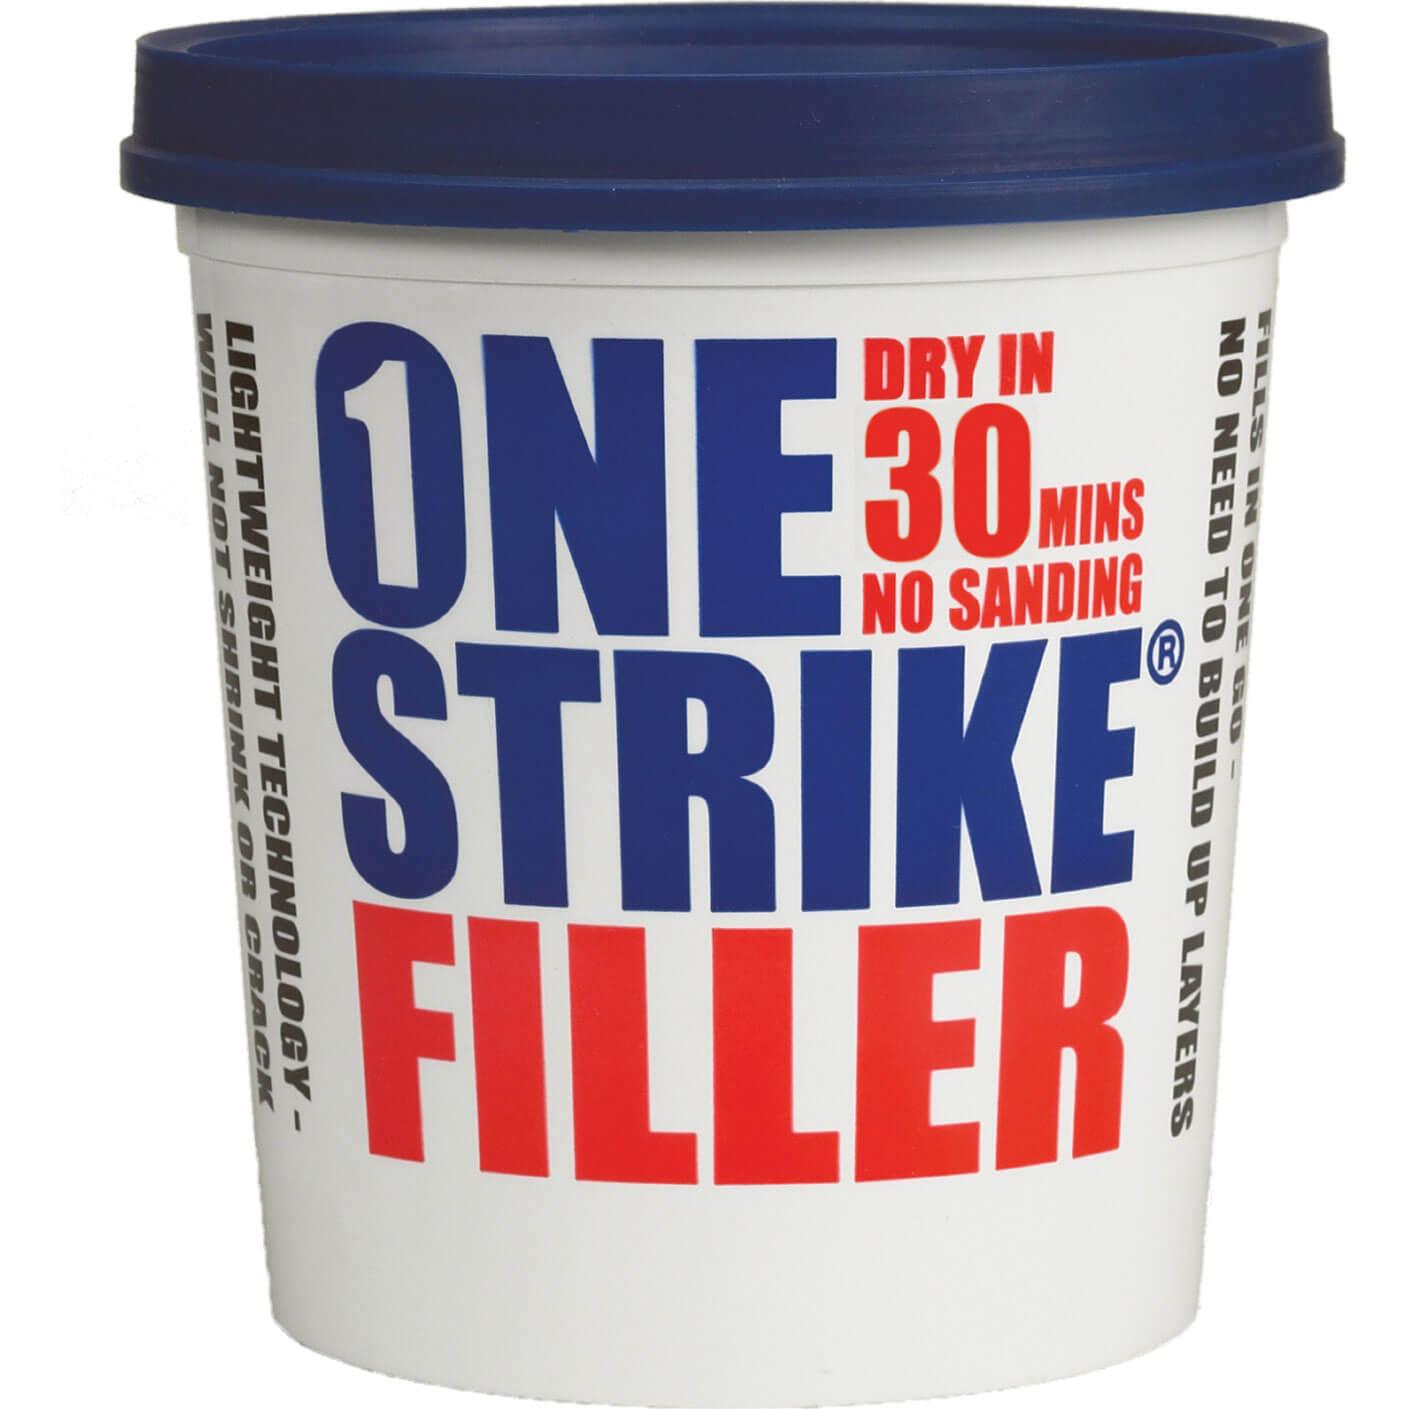 Image of Everbuild One Strike Filler 1000ml